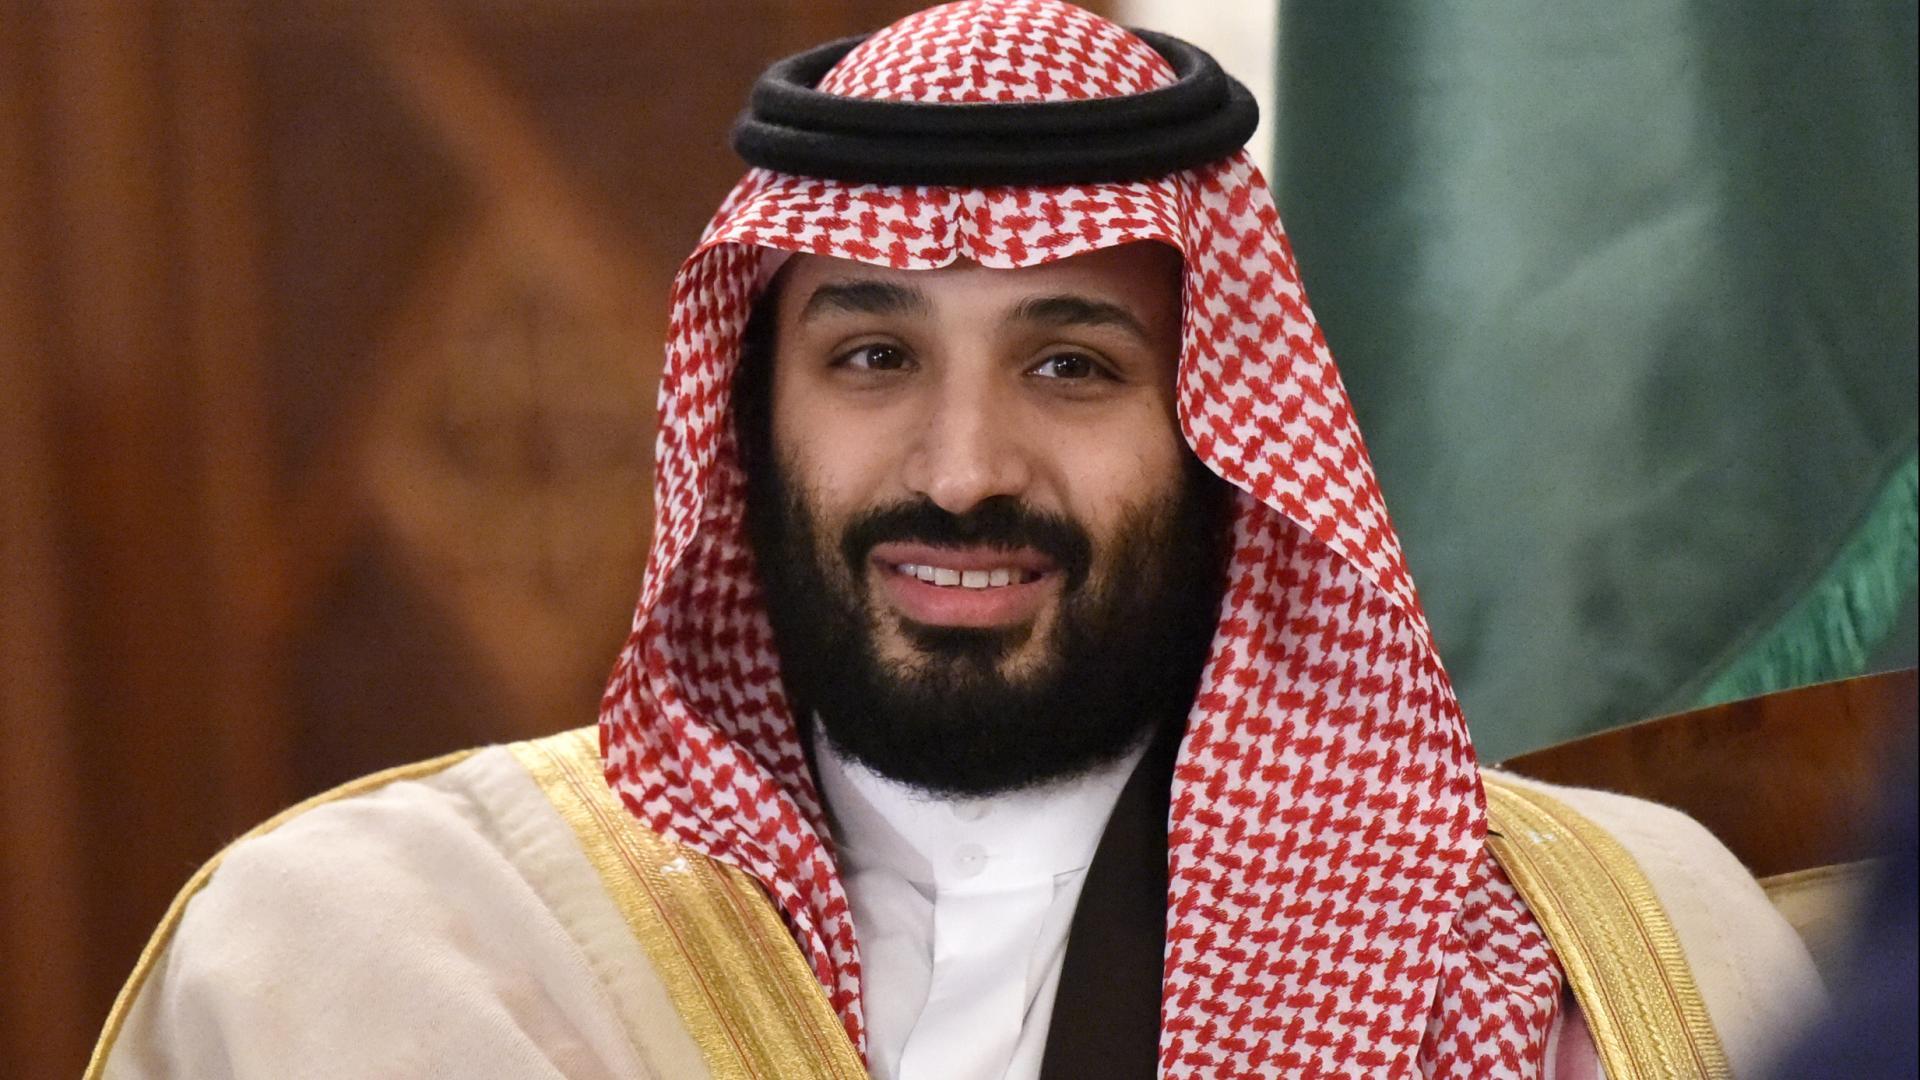 ولي العهد السعودي يتلقى رسالة من أمير الكويت